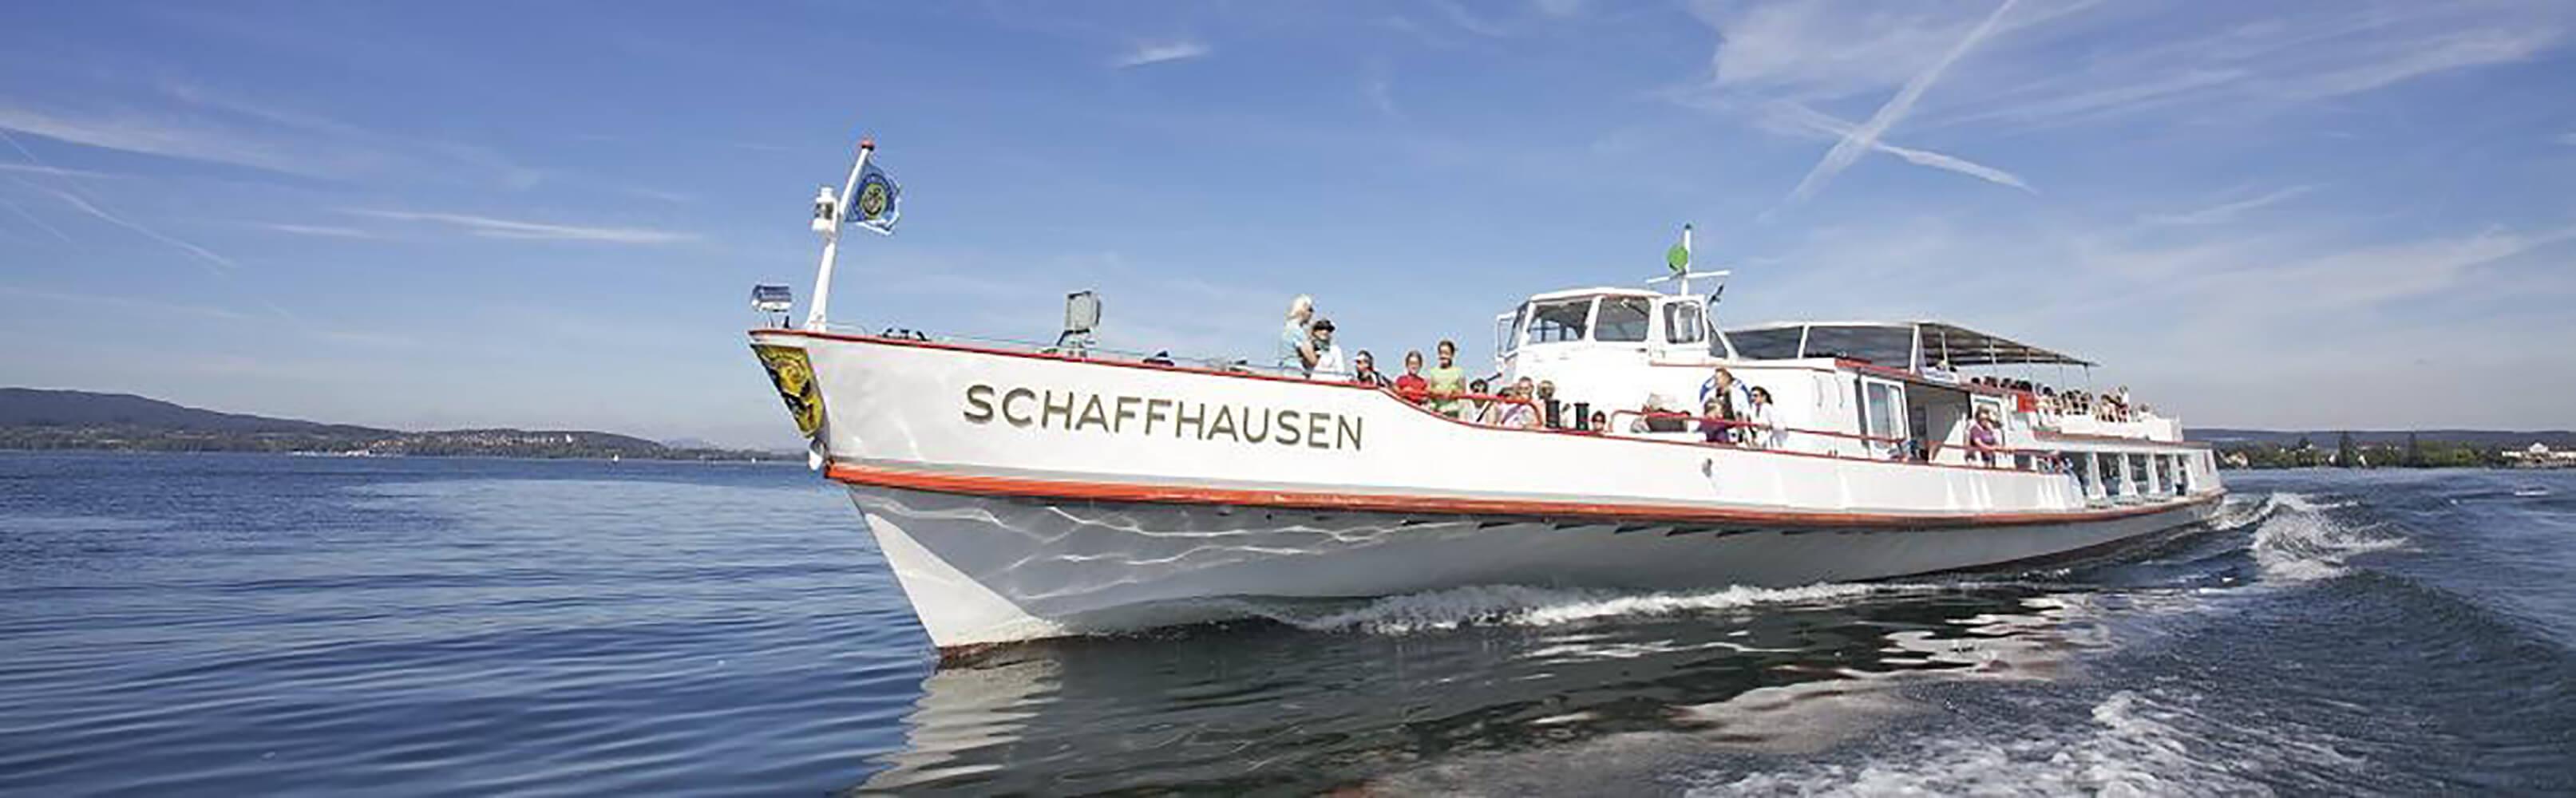 Schifffahrt Untersee und Rhein 1